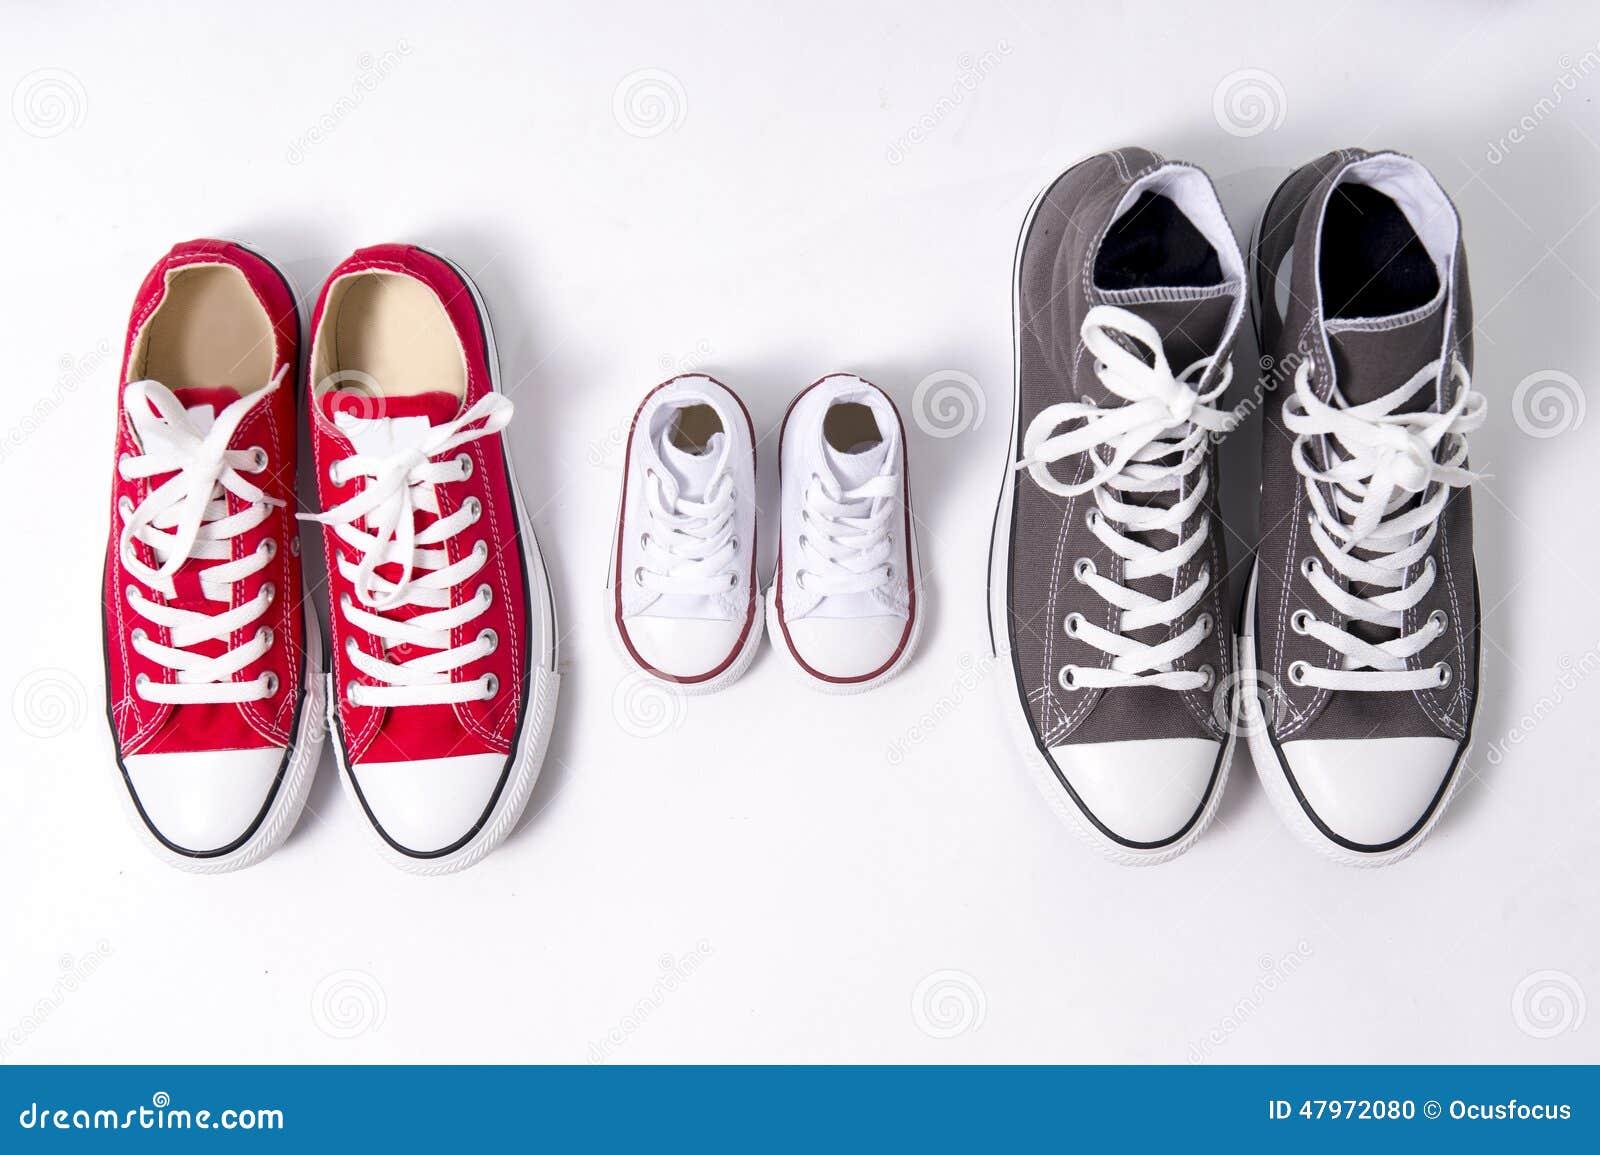 Et Fils Le Chaussures Grand Dans Ou Twxabqp La De Milieu Mère Père Ow57nqCv